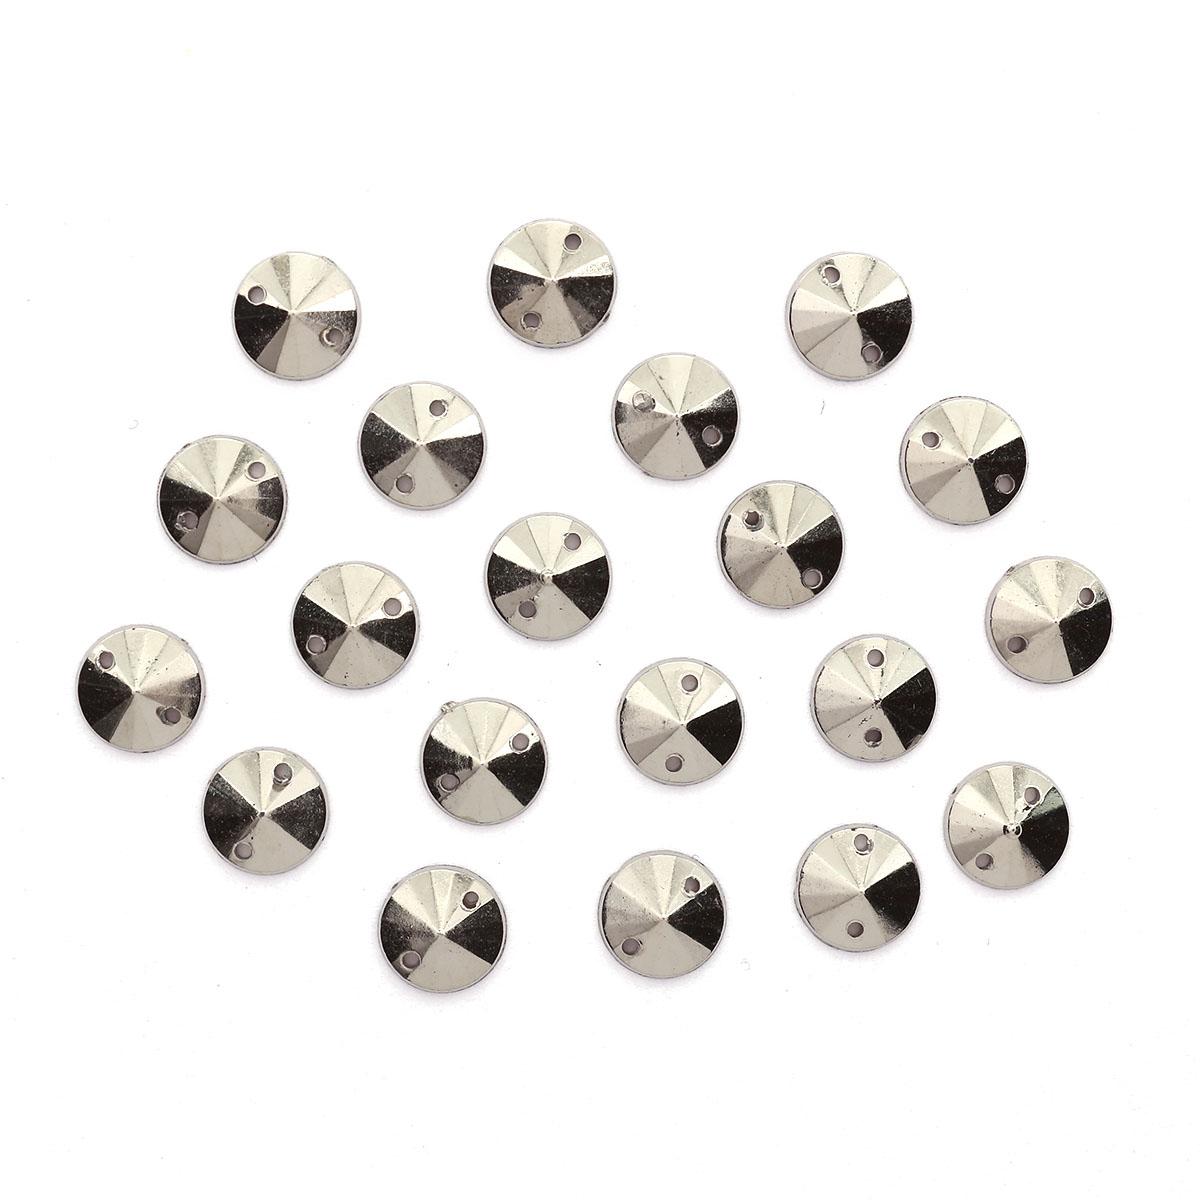 GACR-Q053-P Стразы акриловые,круглые платина 8*2мм, 20шт/упак